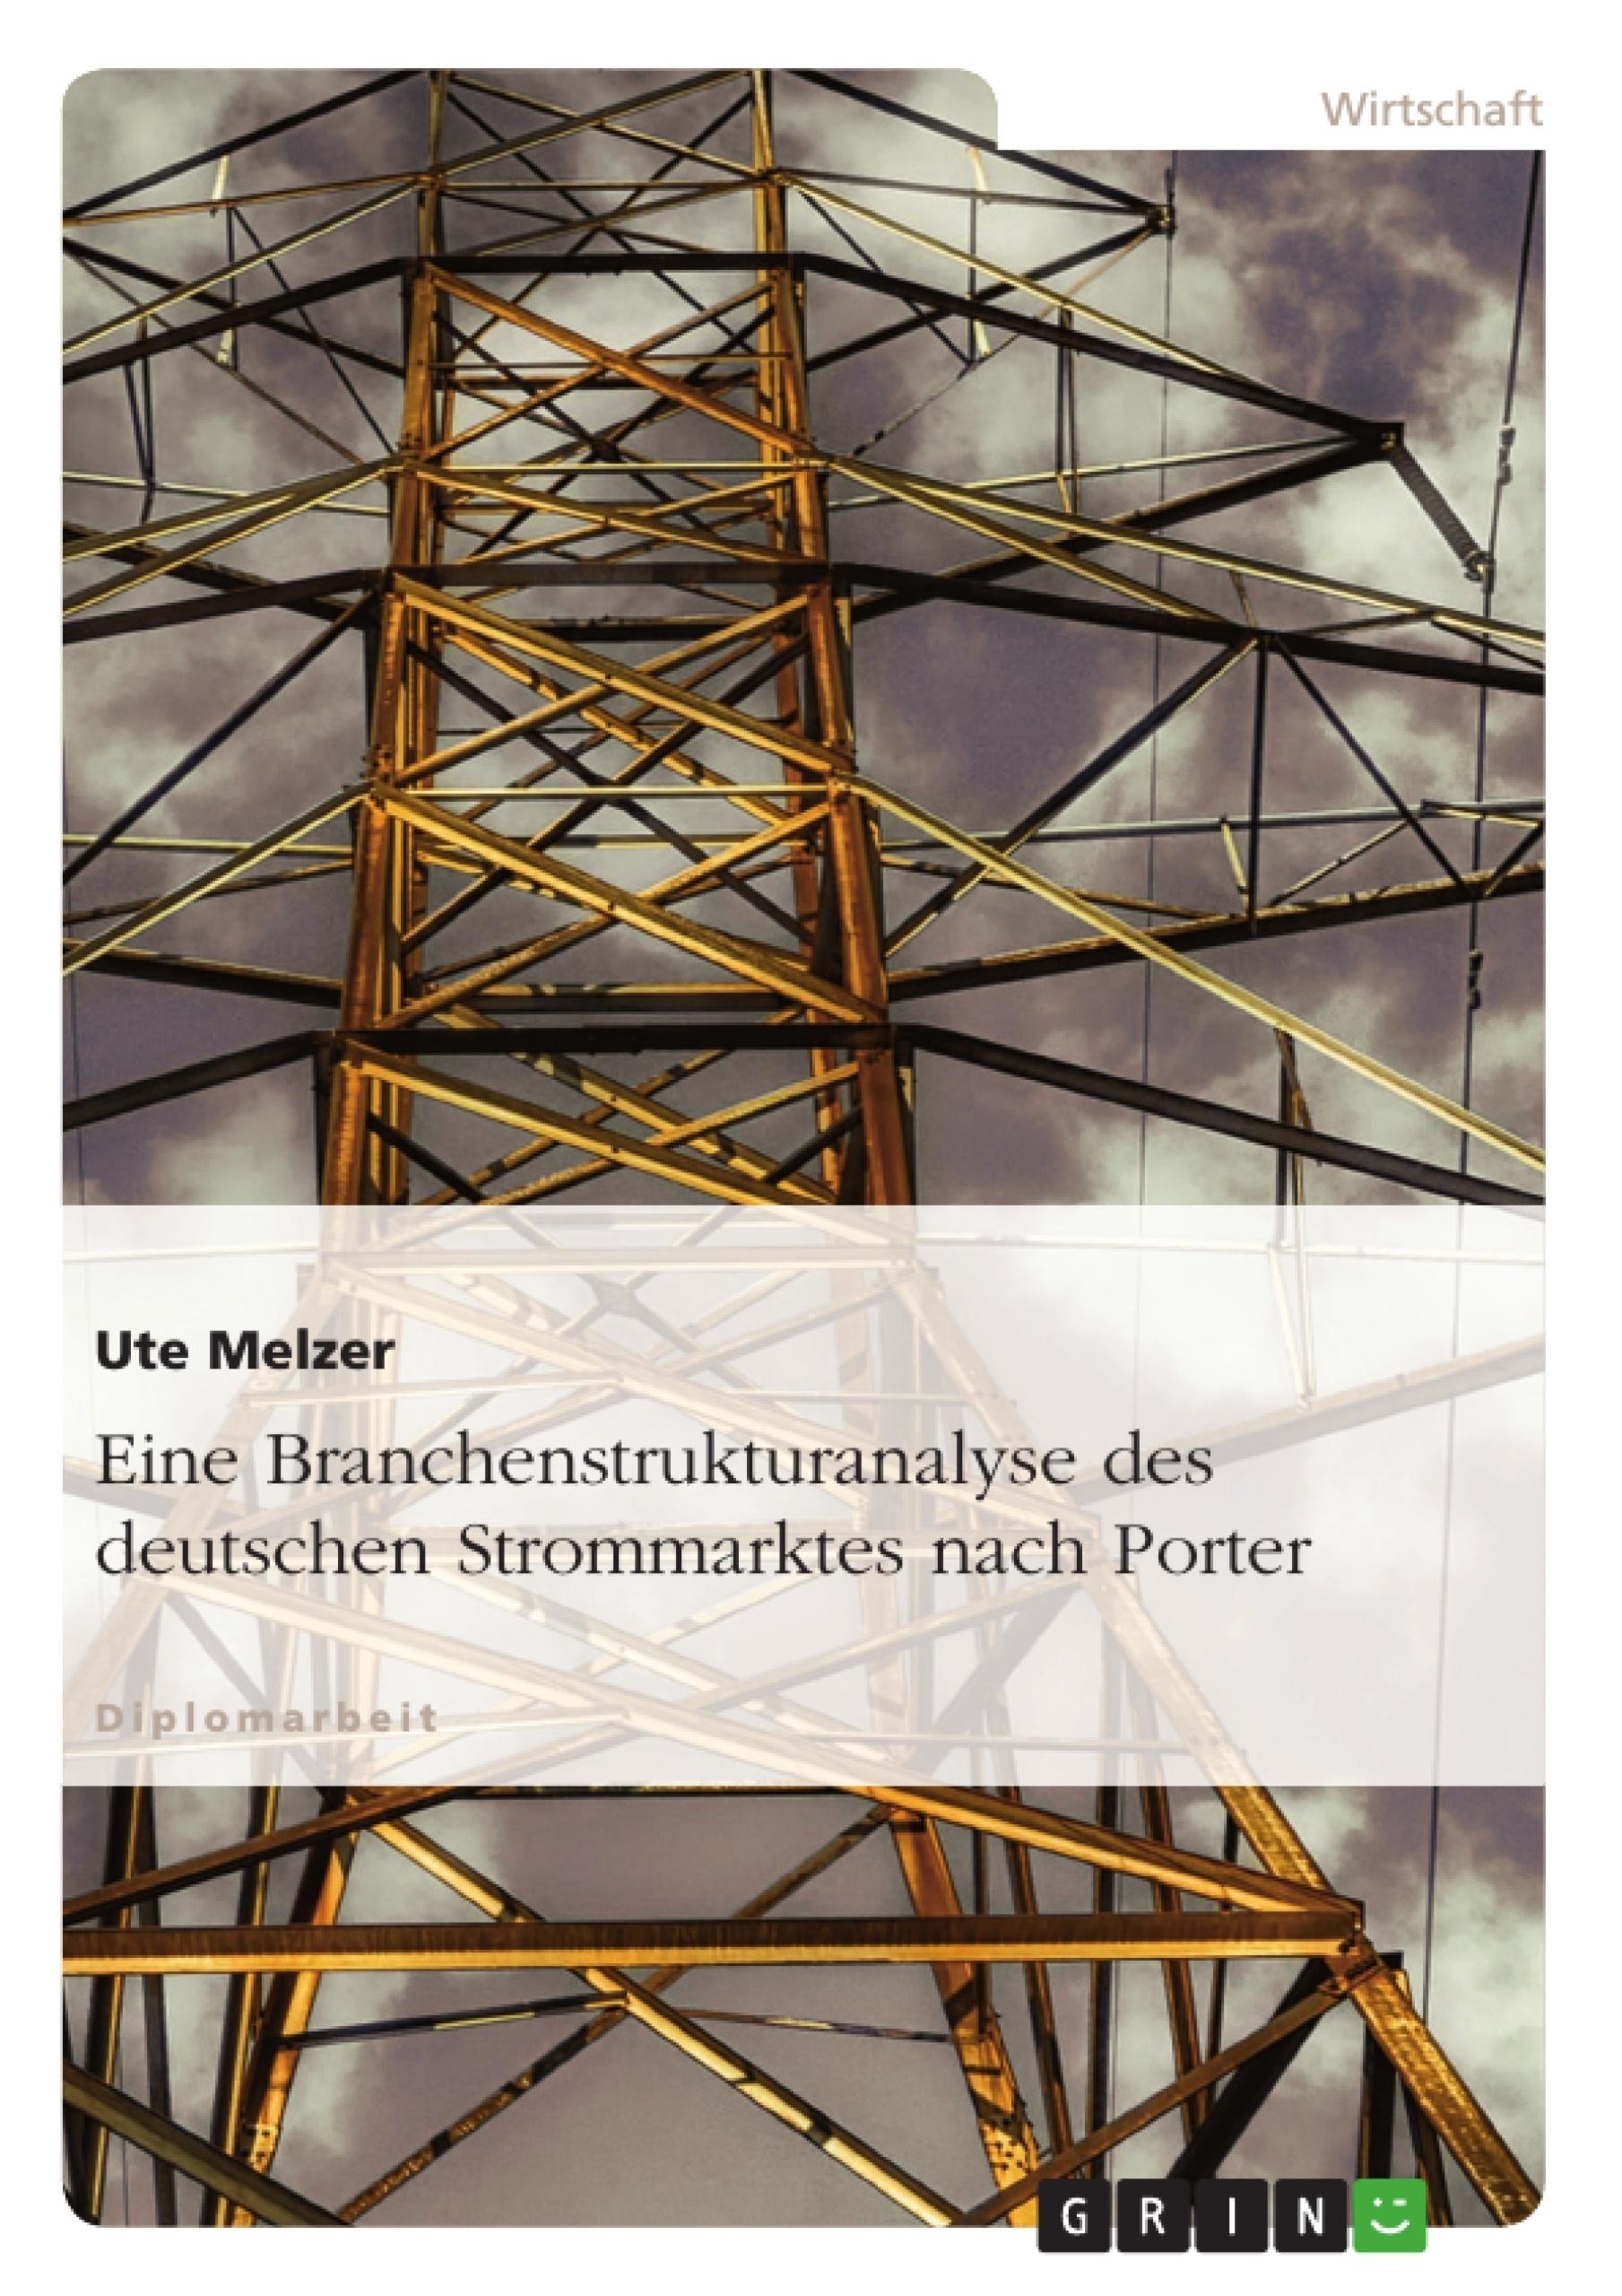 Titel: Eine Branchenstrukturanalyse des deutschen Strommarktes nach Porter